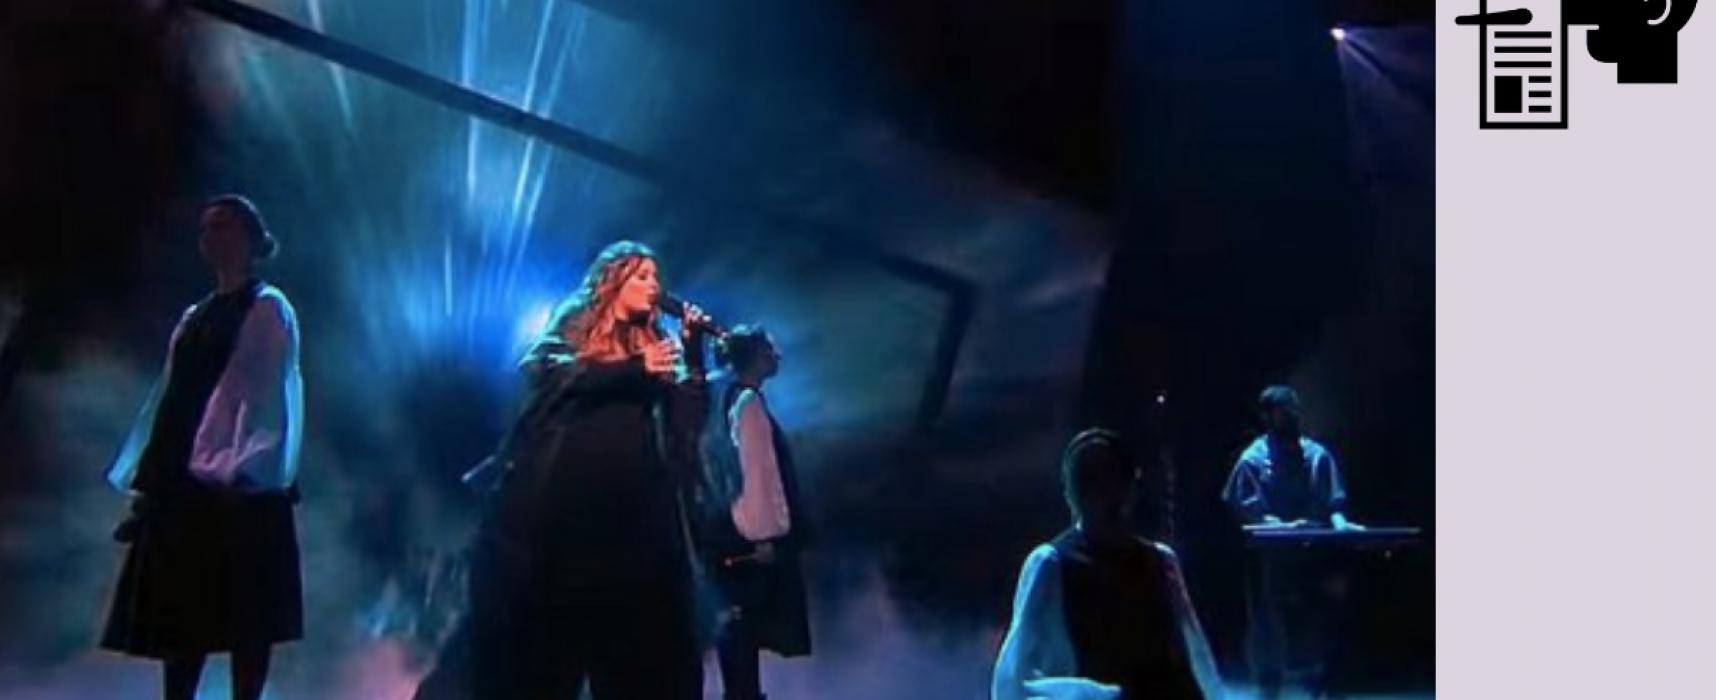 """Фейк: Украина готова отказаться от участия в """"Евровидении"""" из-за России"""